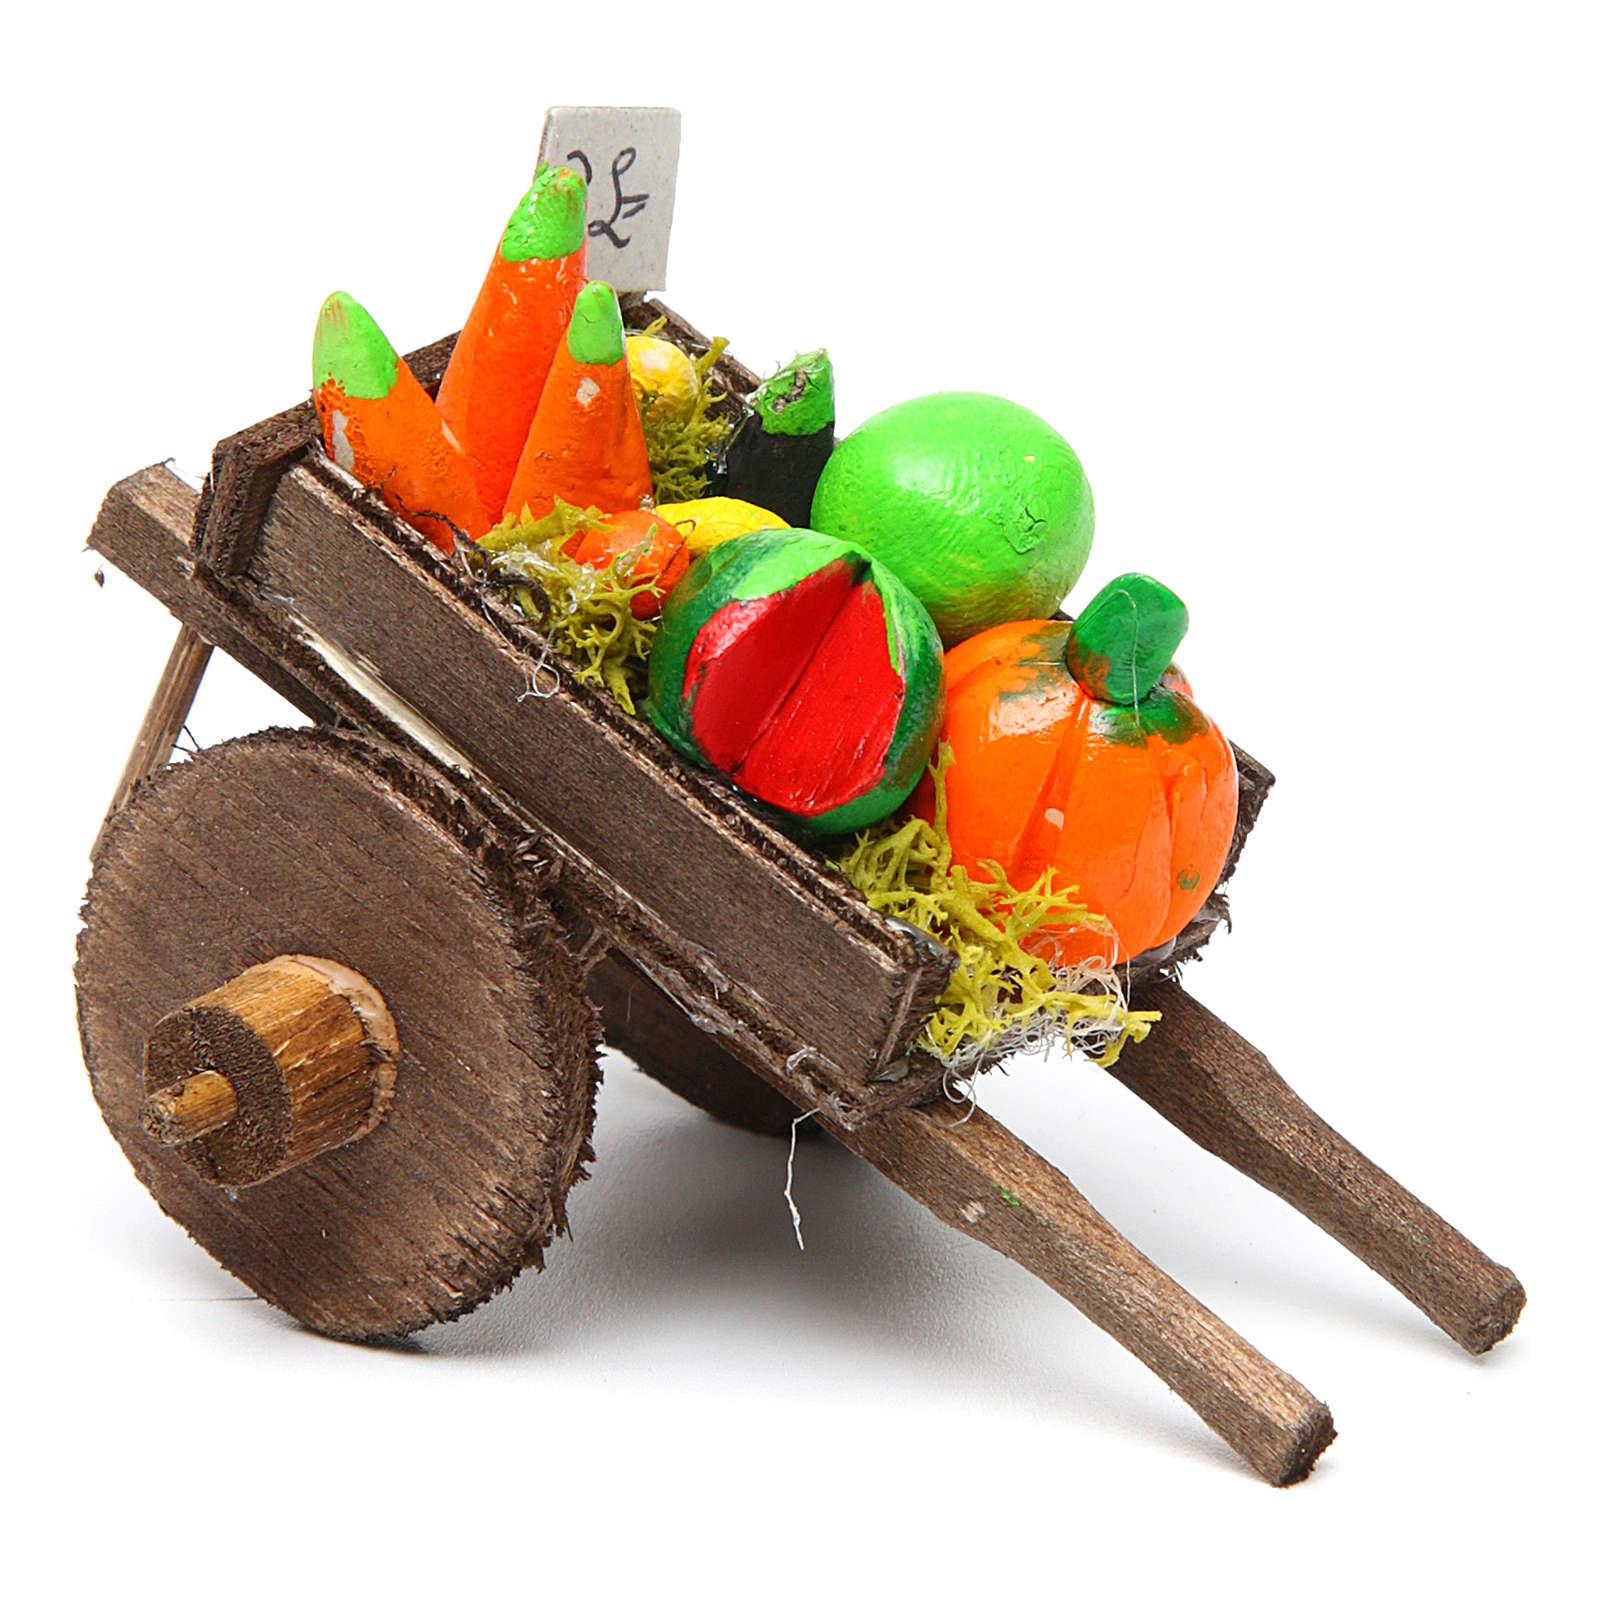 Carro napoletano presepe frutta ortaggi terracotta 5,5x7,5x5,5 c 4